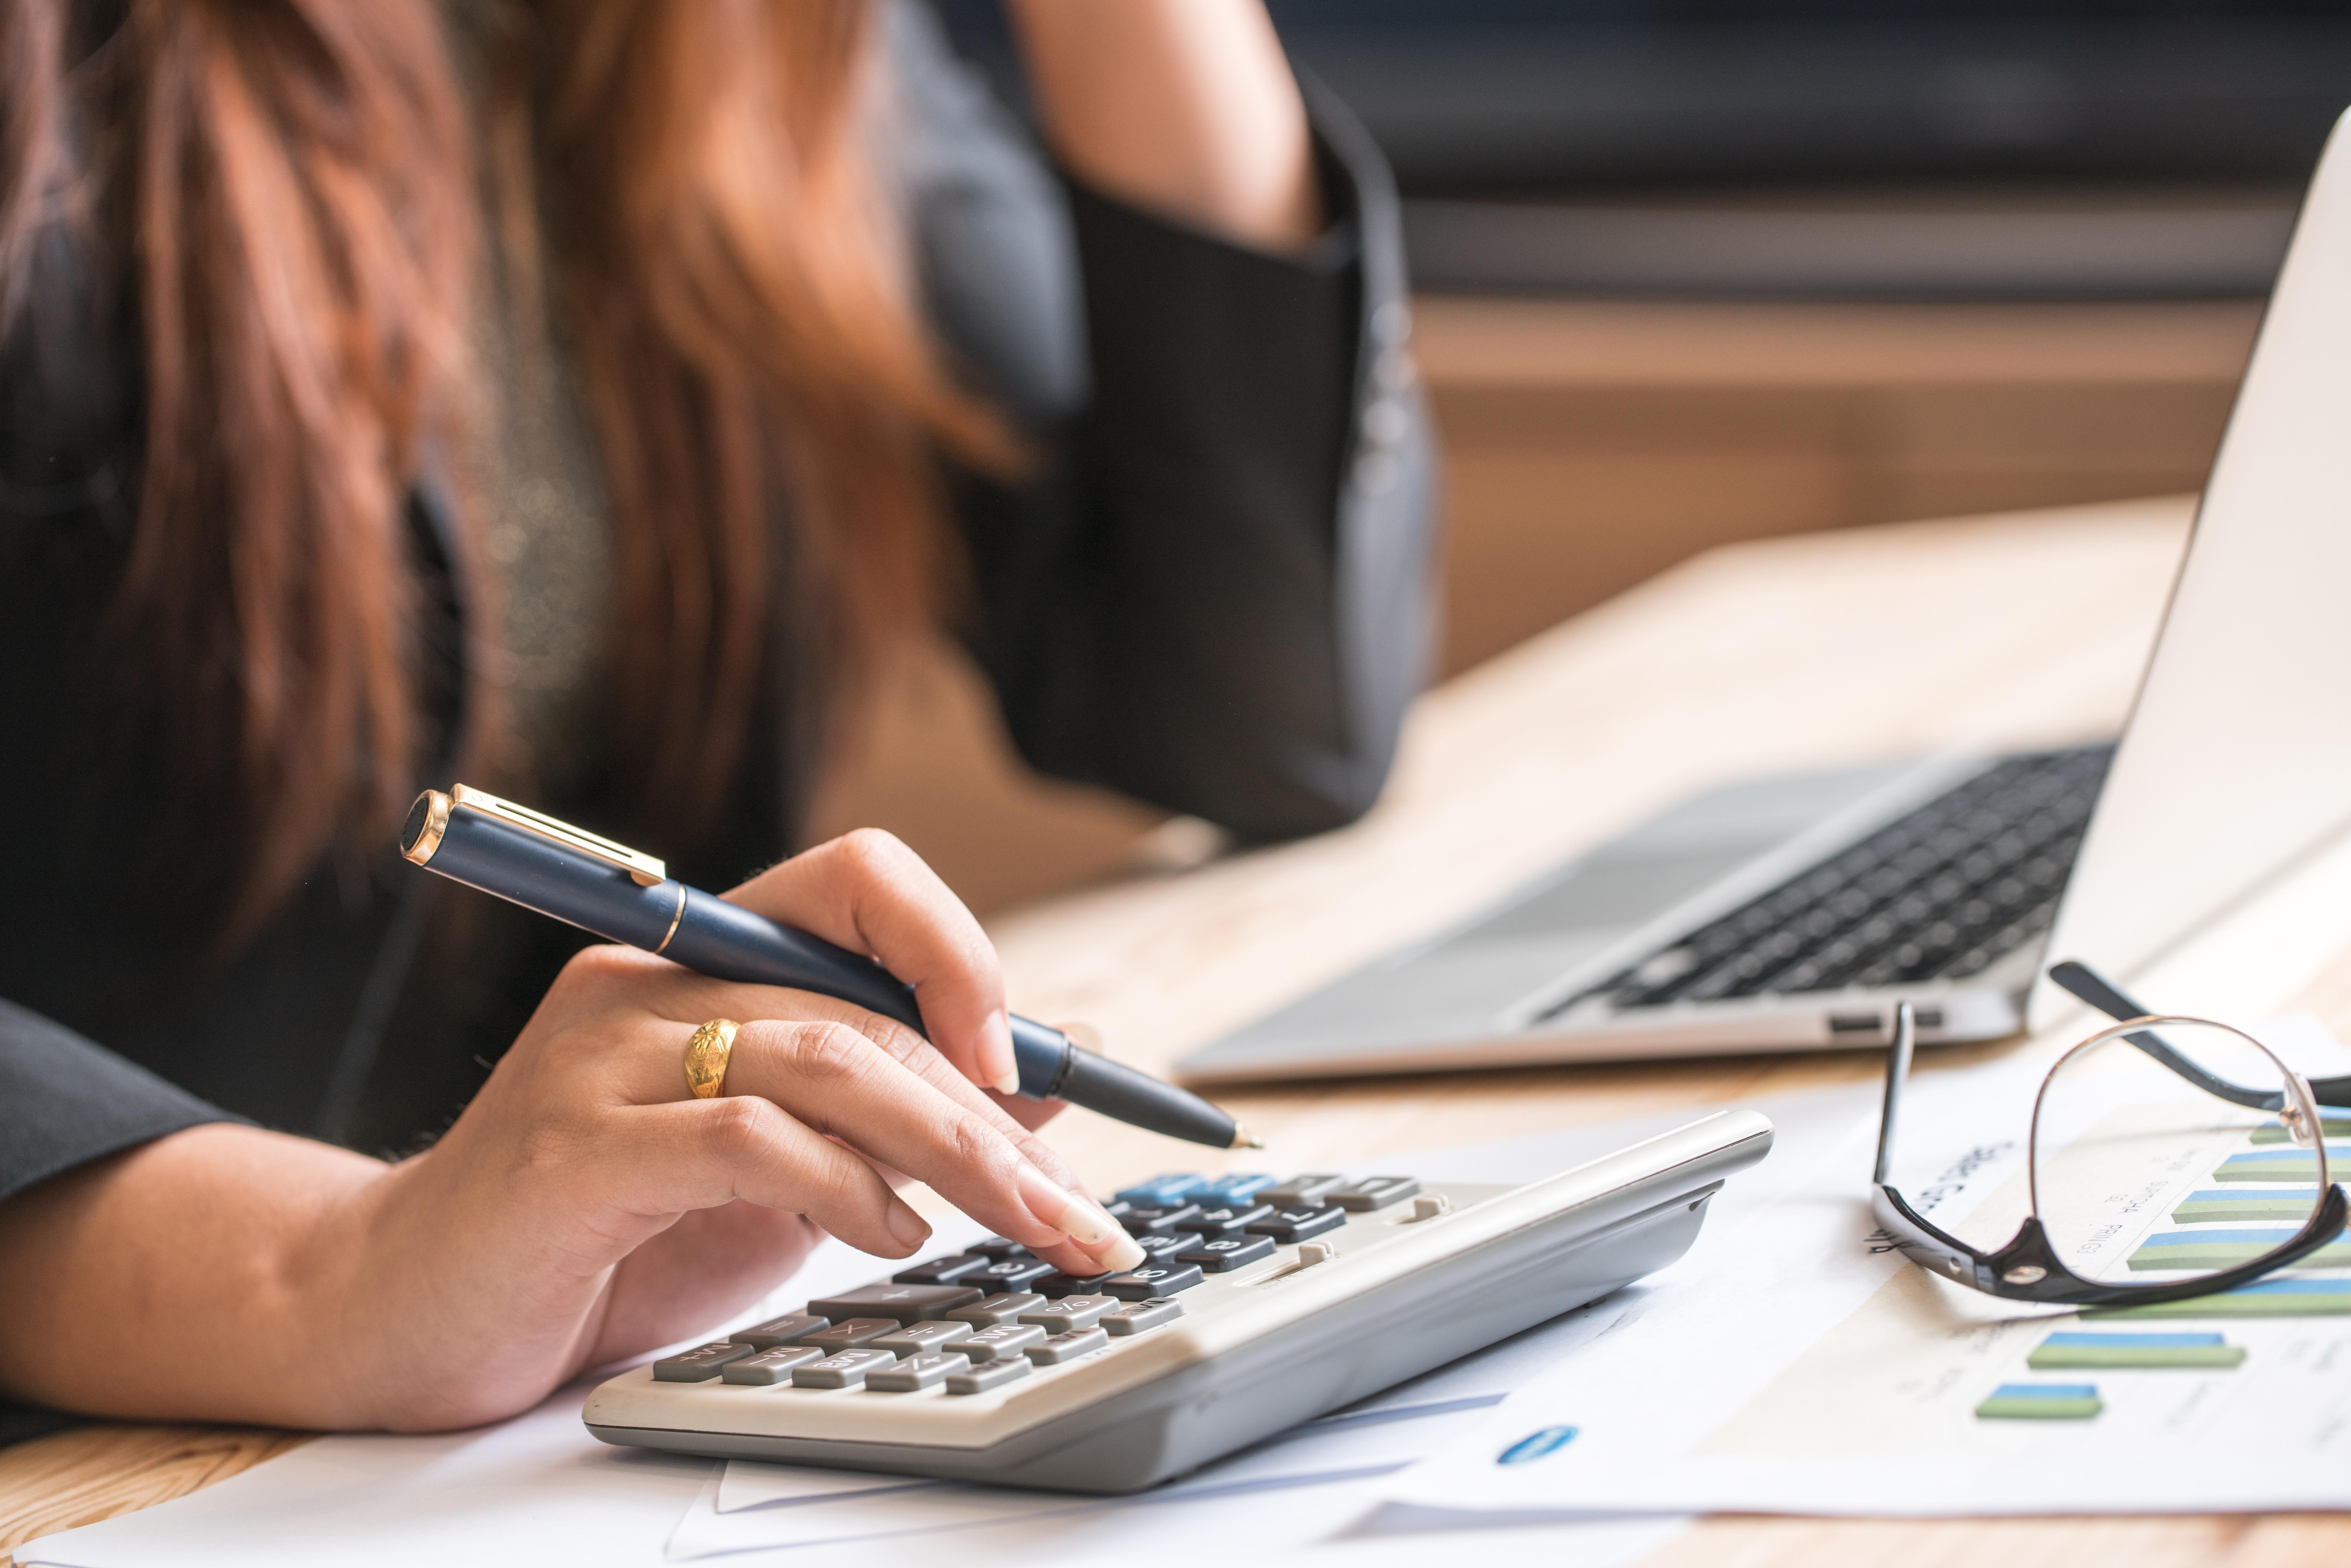 shutterstock_finances_student_pilot_web.jpg